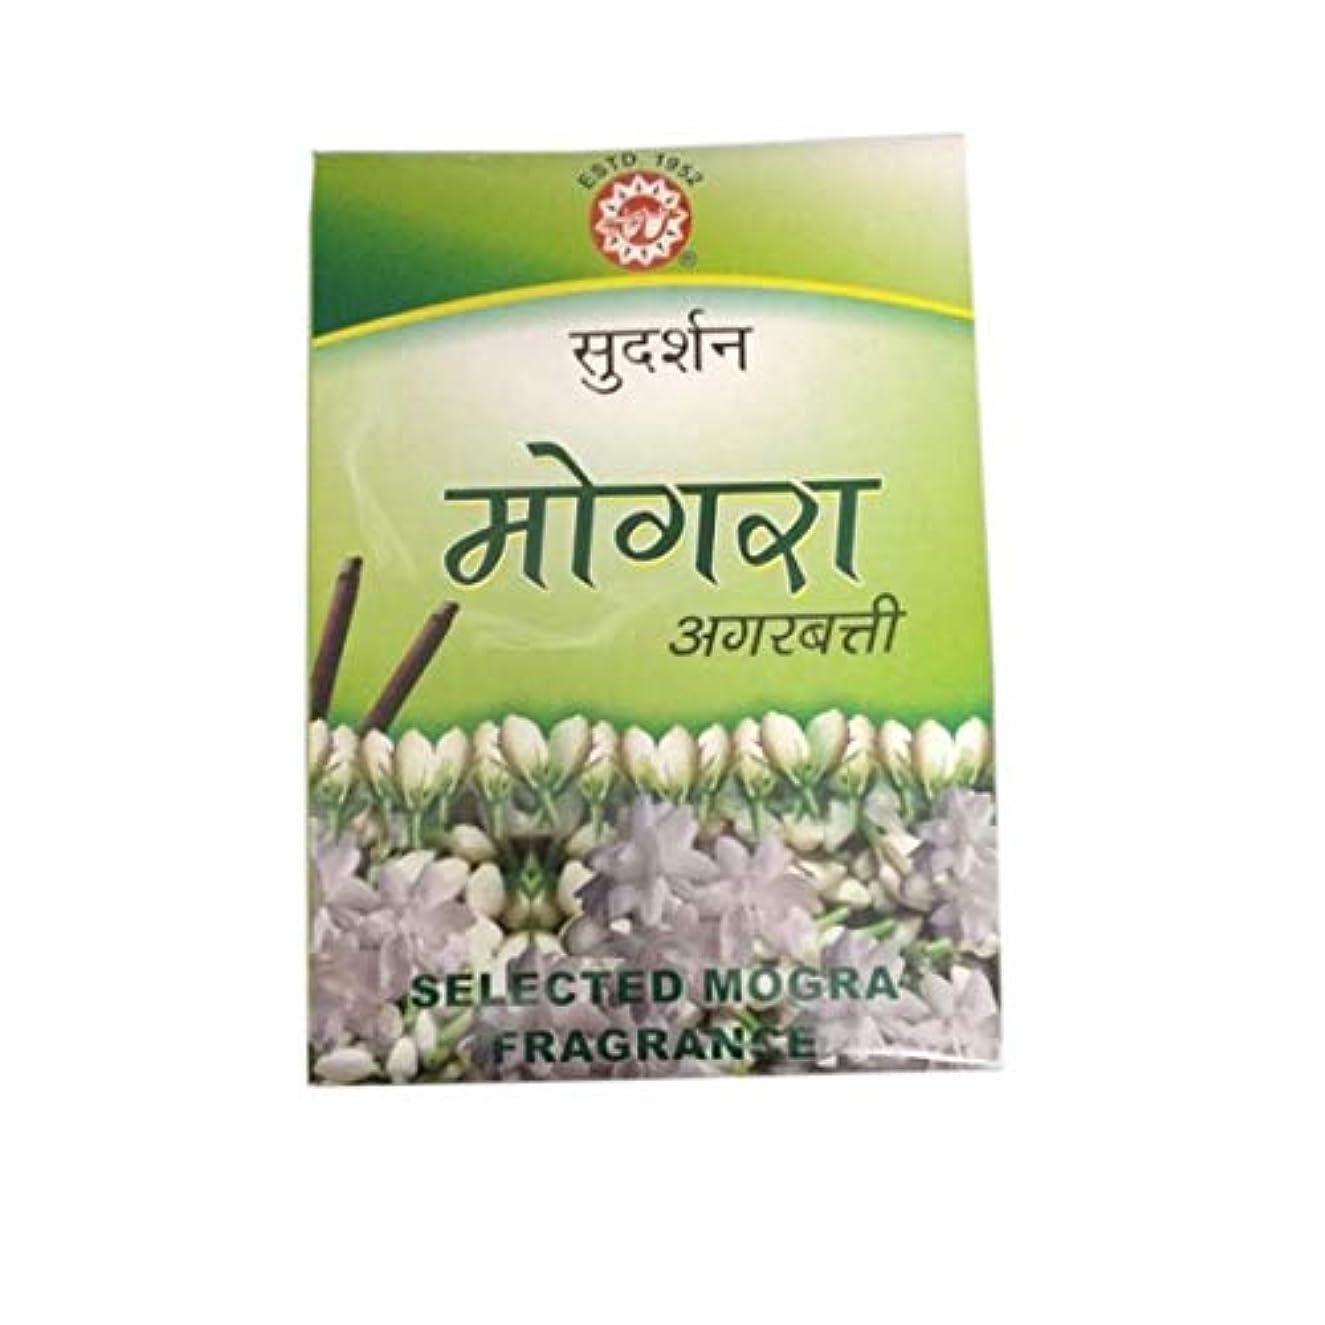 勤勉なポスタールーSudarshan Mogra Agarbatti - 12 Sticks Packet 1 Box Fragrance Incense Sticks for Positivity & Freshness Lavender...